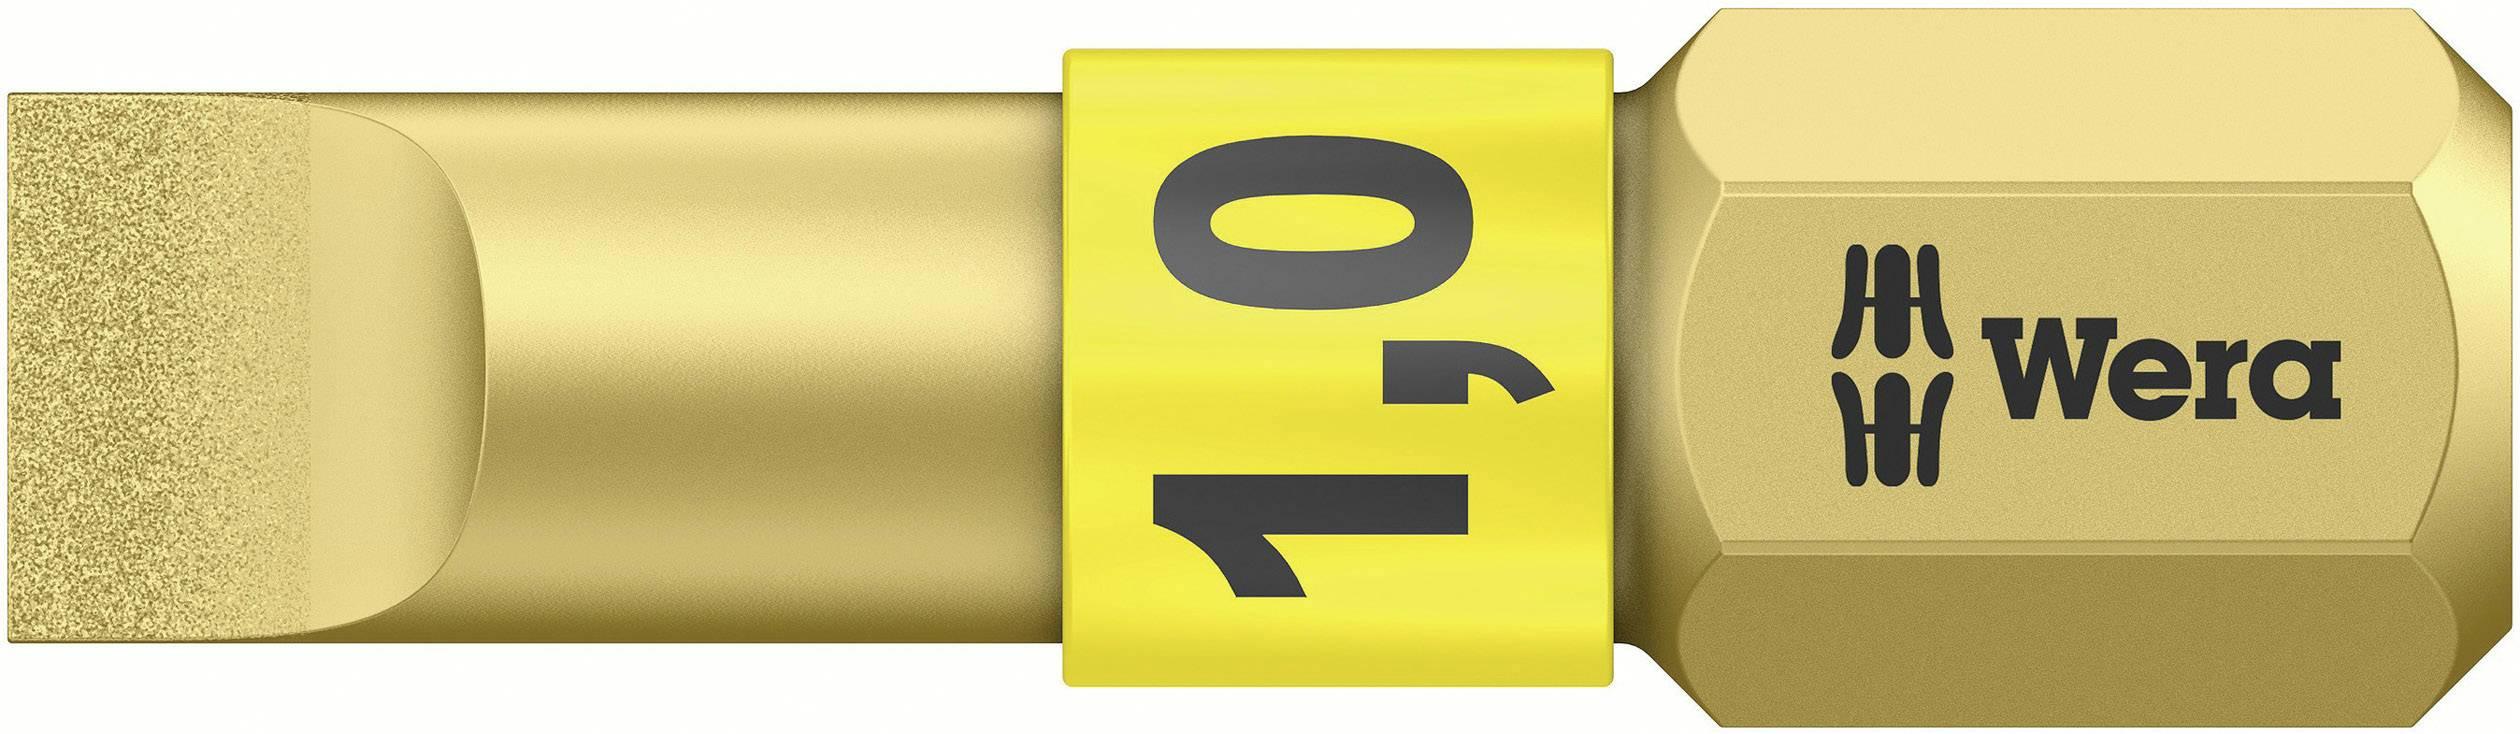 Plochý bit Wera 800/1 BDC;5.5 mm 05 056174 001, nástrojová oceľ, 1 ks